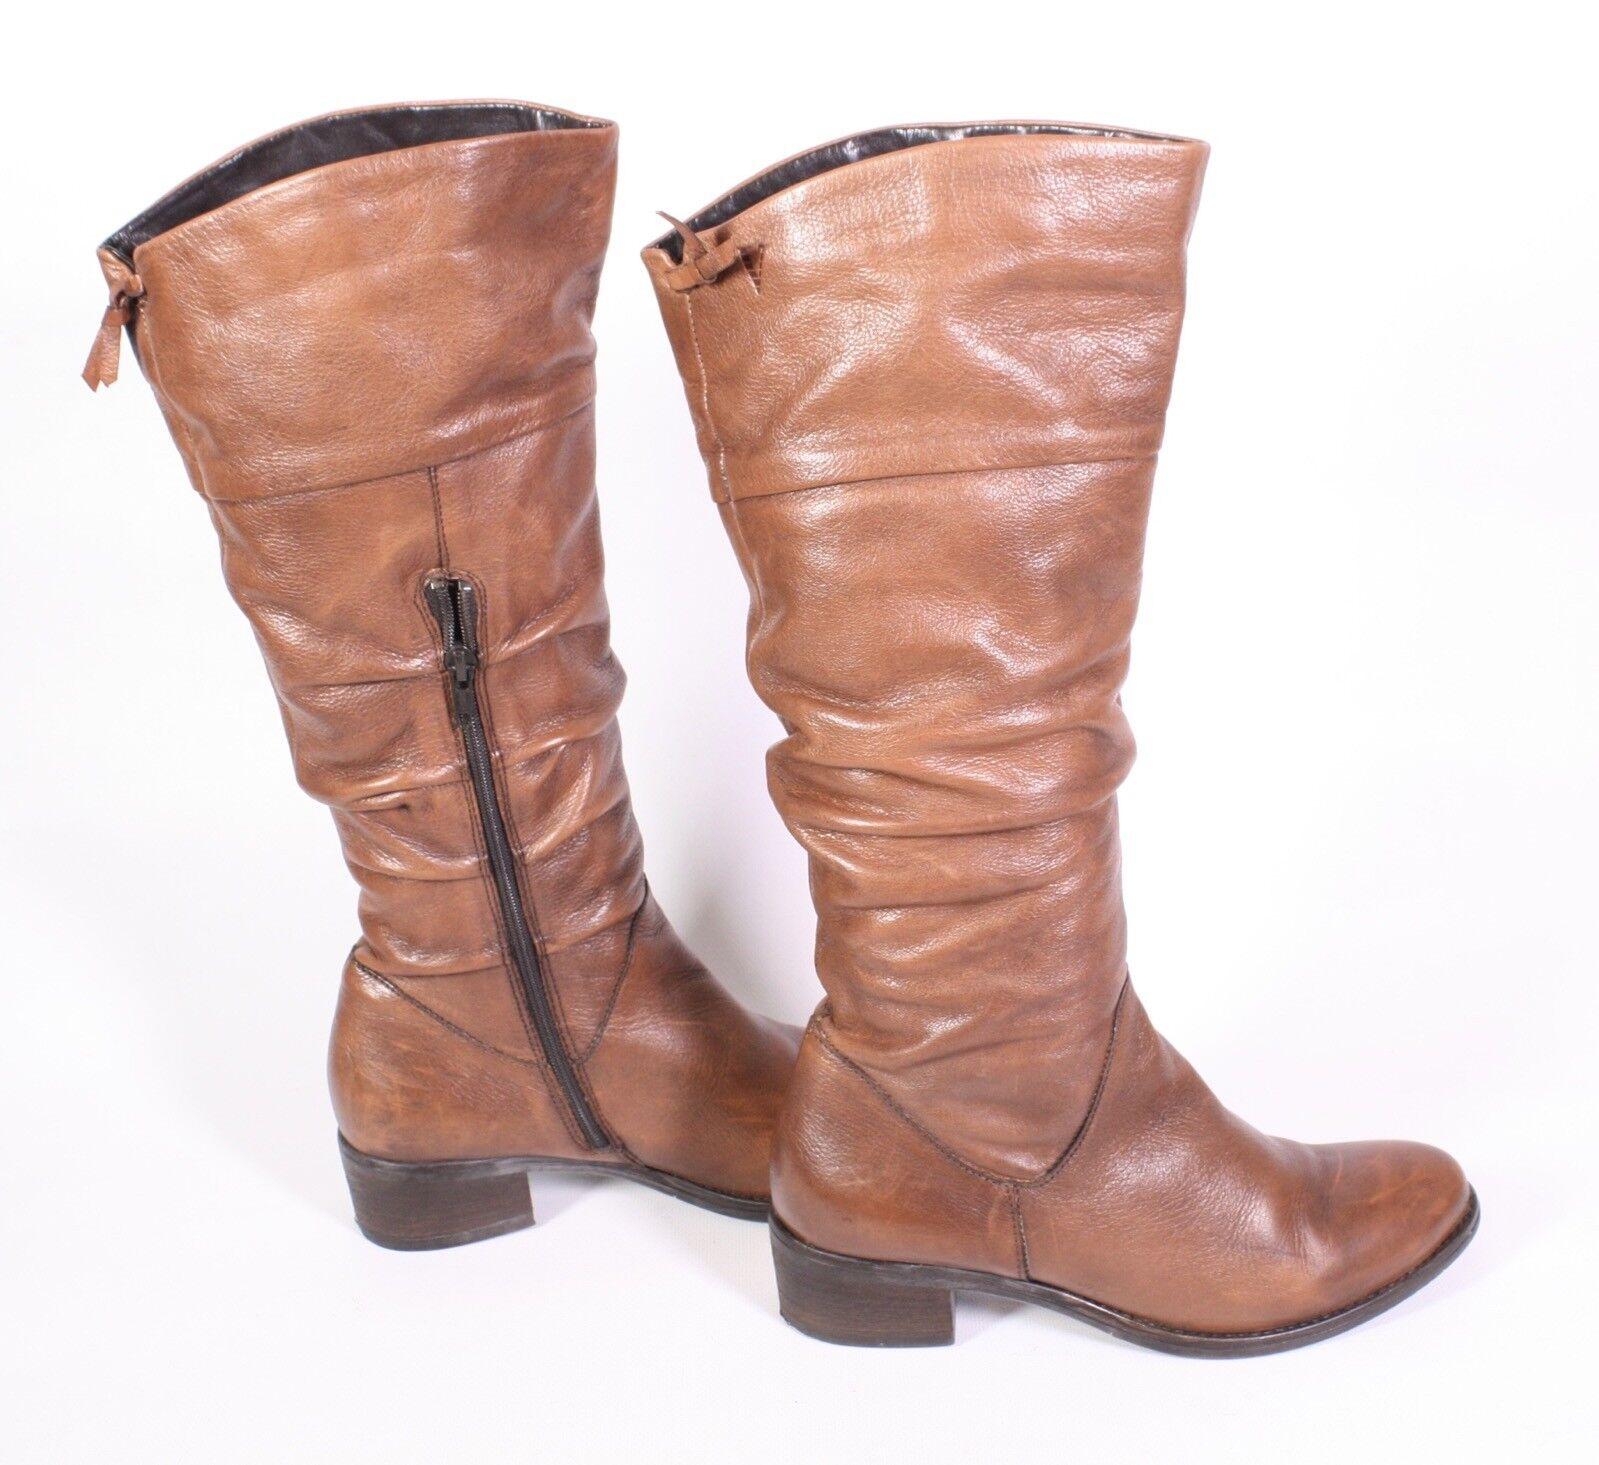 #22S Venturini Damen Stiefel Leder braun Gr. 37 Slouchy Boots flacher Absatz